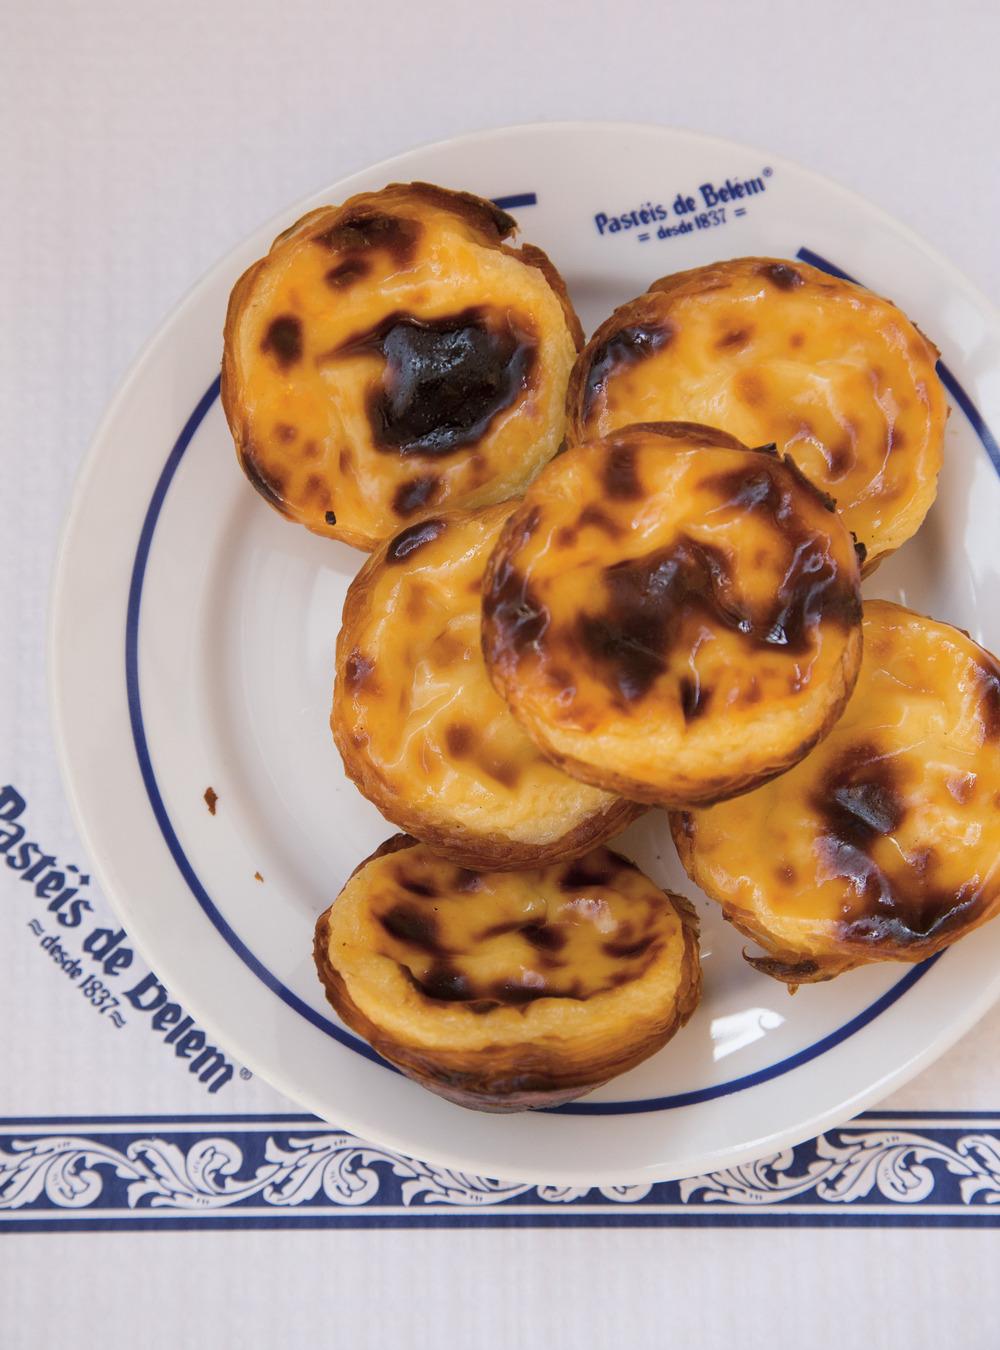 Tartelettes portugaises (pasteis de nata) | ricardo